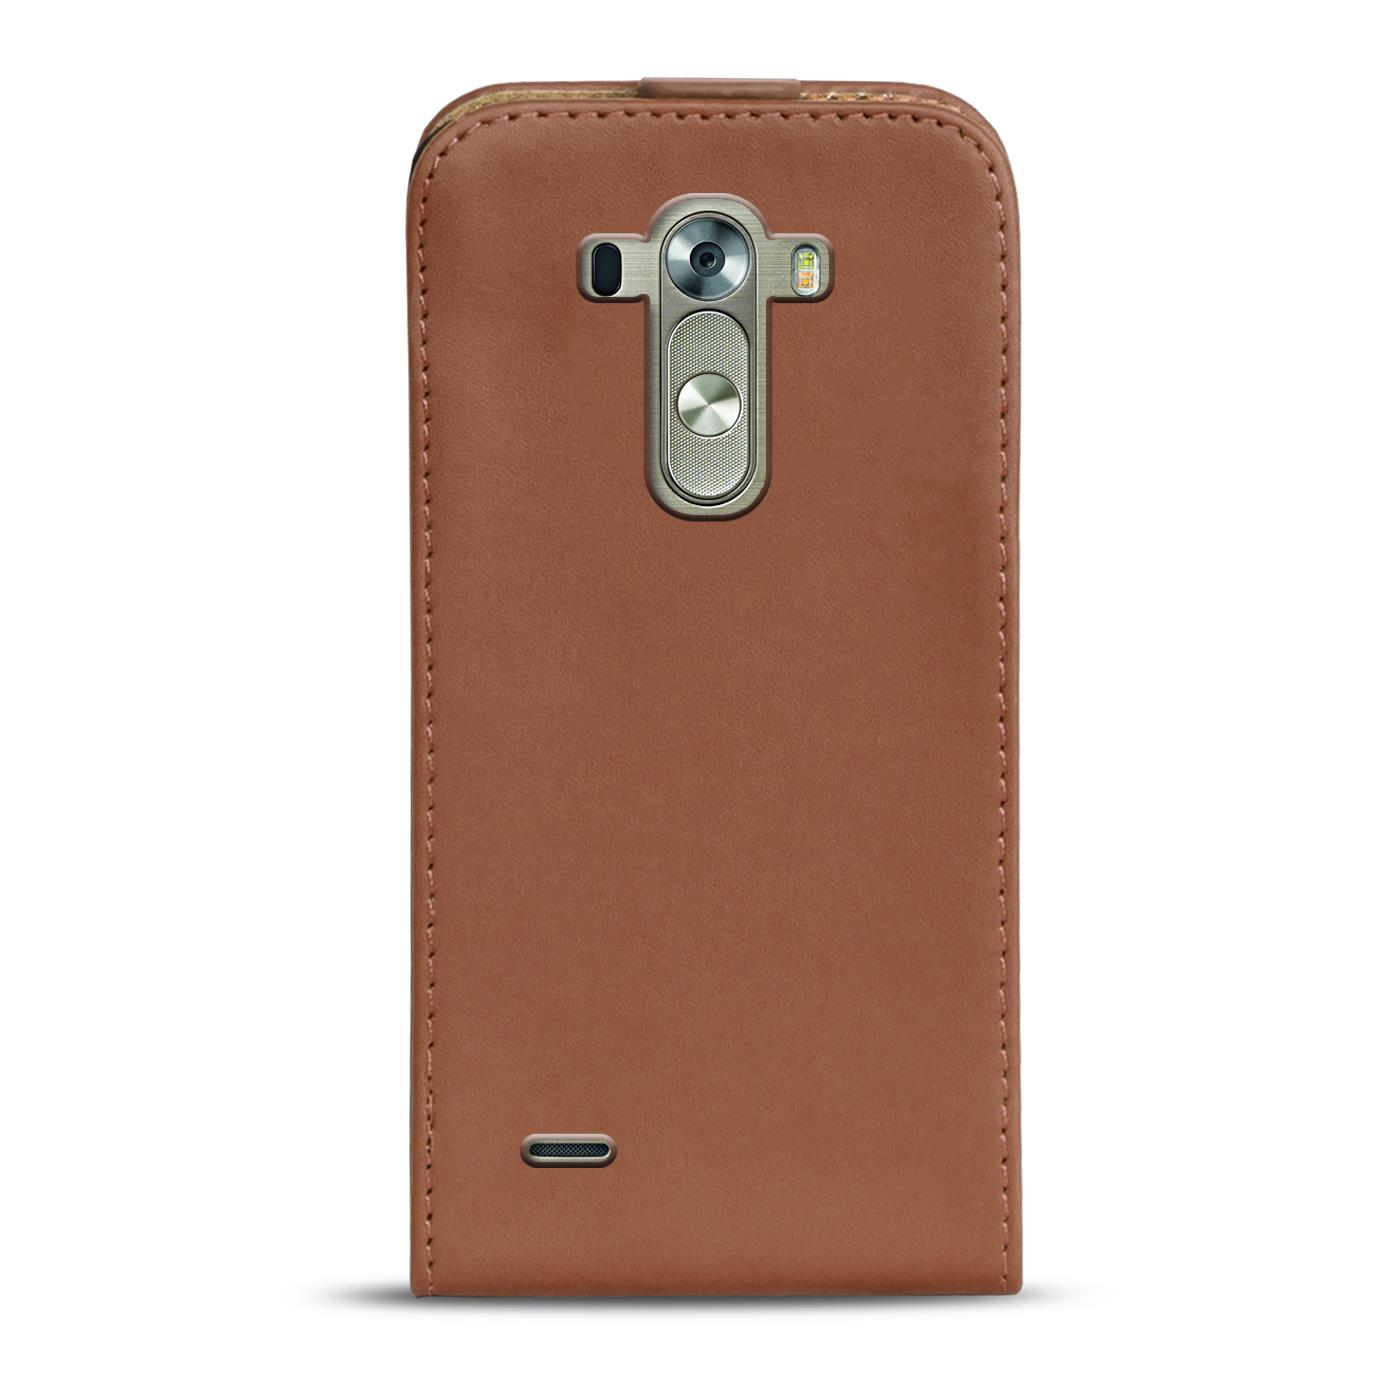 Handy Schutz Hülle für LG Flip Case Cover Tasche Etui Schutzhülle Bumper